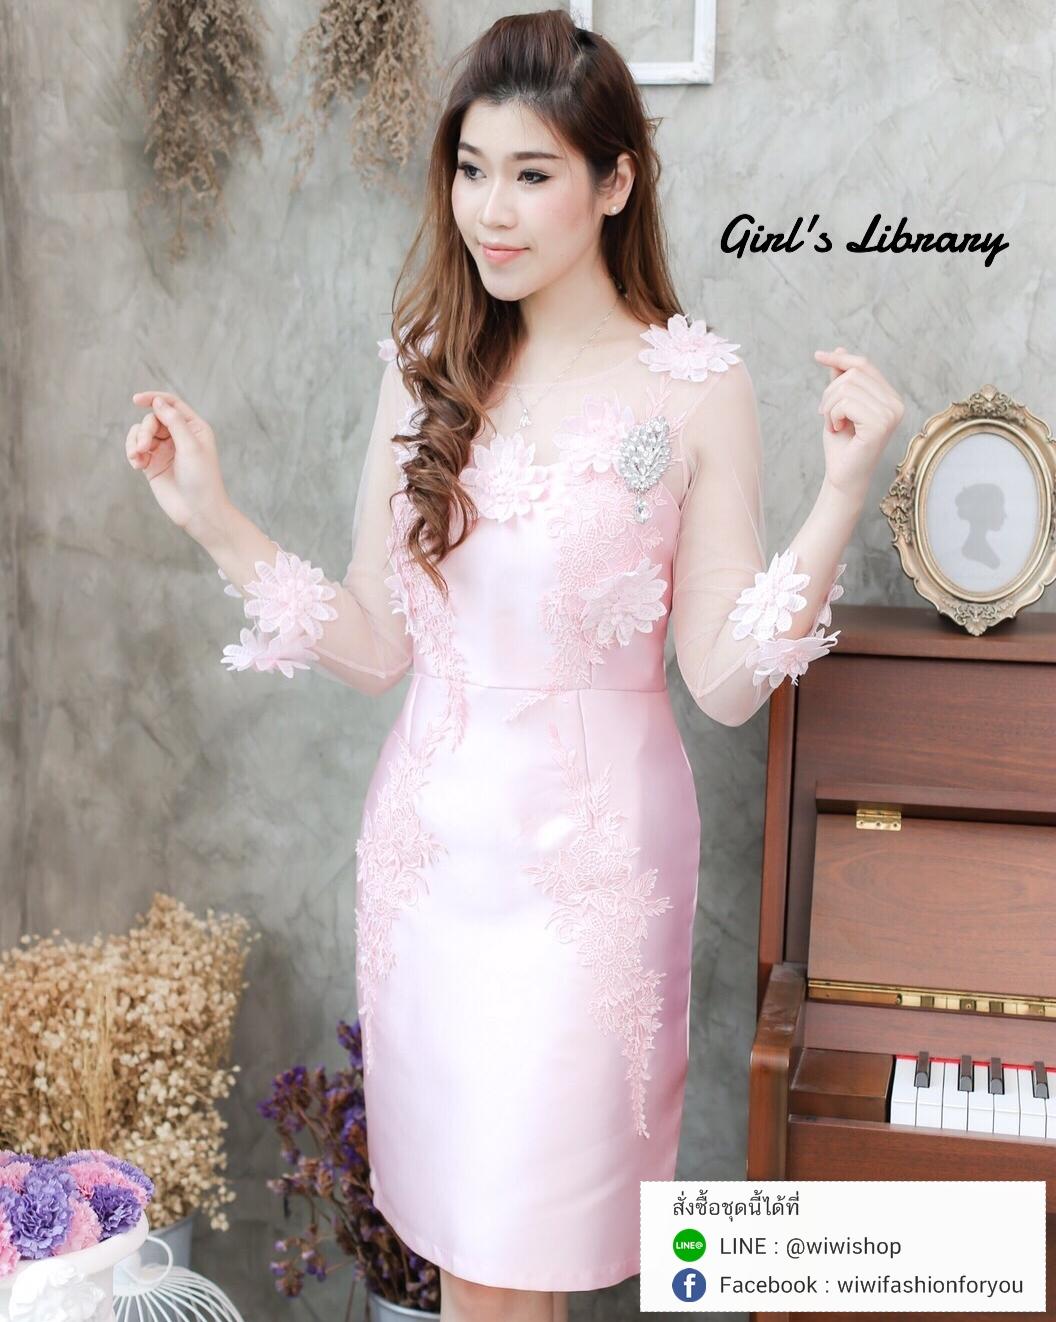 ชุดเดรสสวยหรูสีชมพู เข้ารูป แต่งดอกไม้ ลุคเรียบหรู ดูดี ใส่ออกงาน งานแต่งงาน ได้ทั้งงานกลางวัน งานเลี้ยงกลางคืน